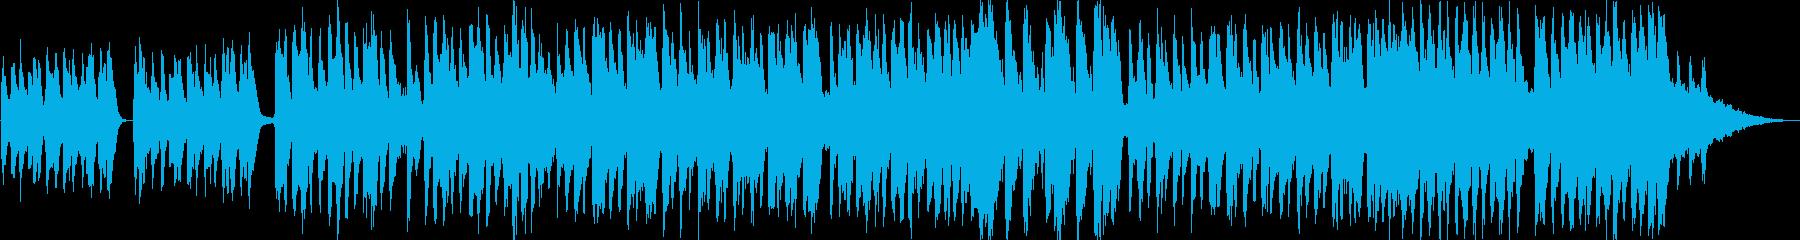 オーケストラ楽器。マジカル/ファン...の再生済みの波形